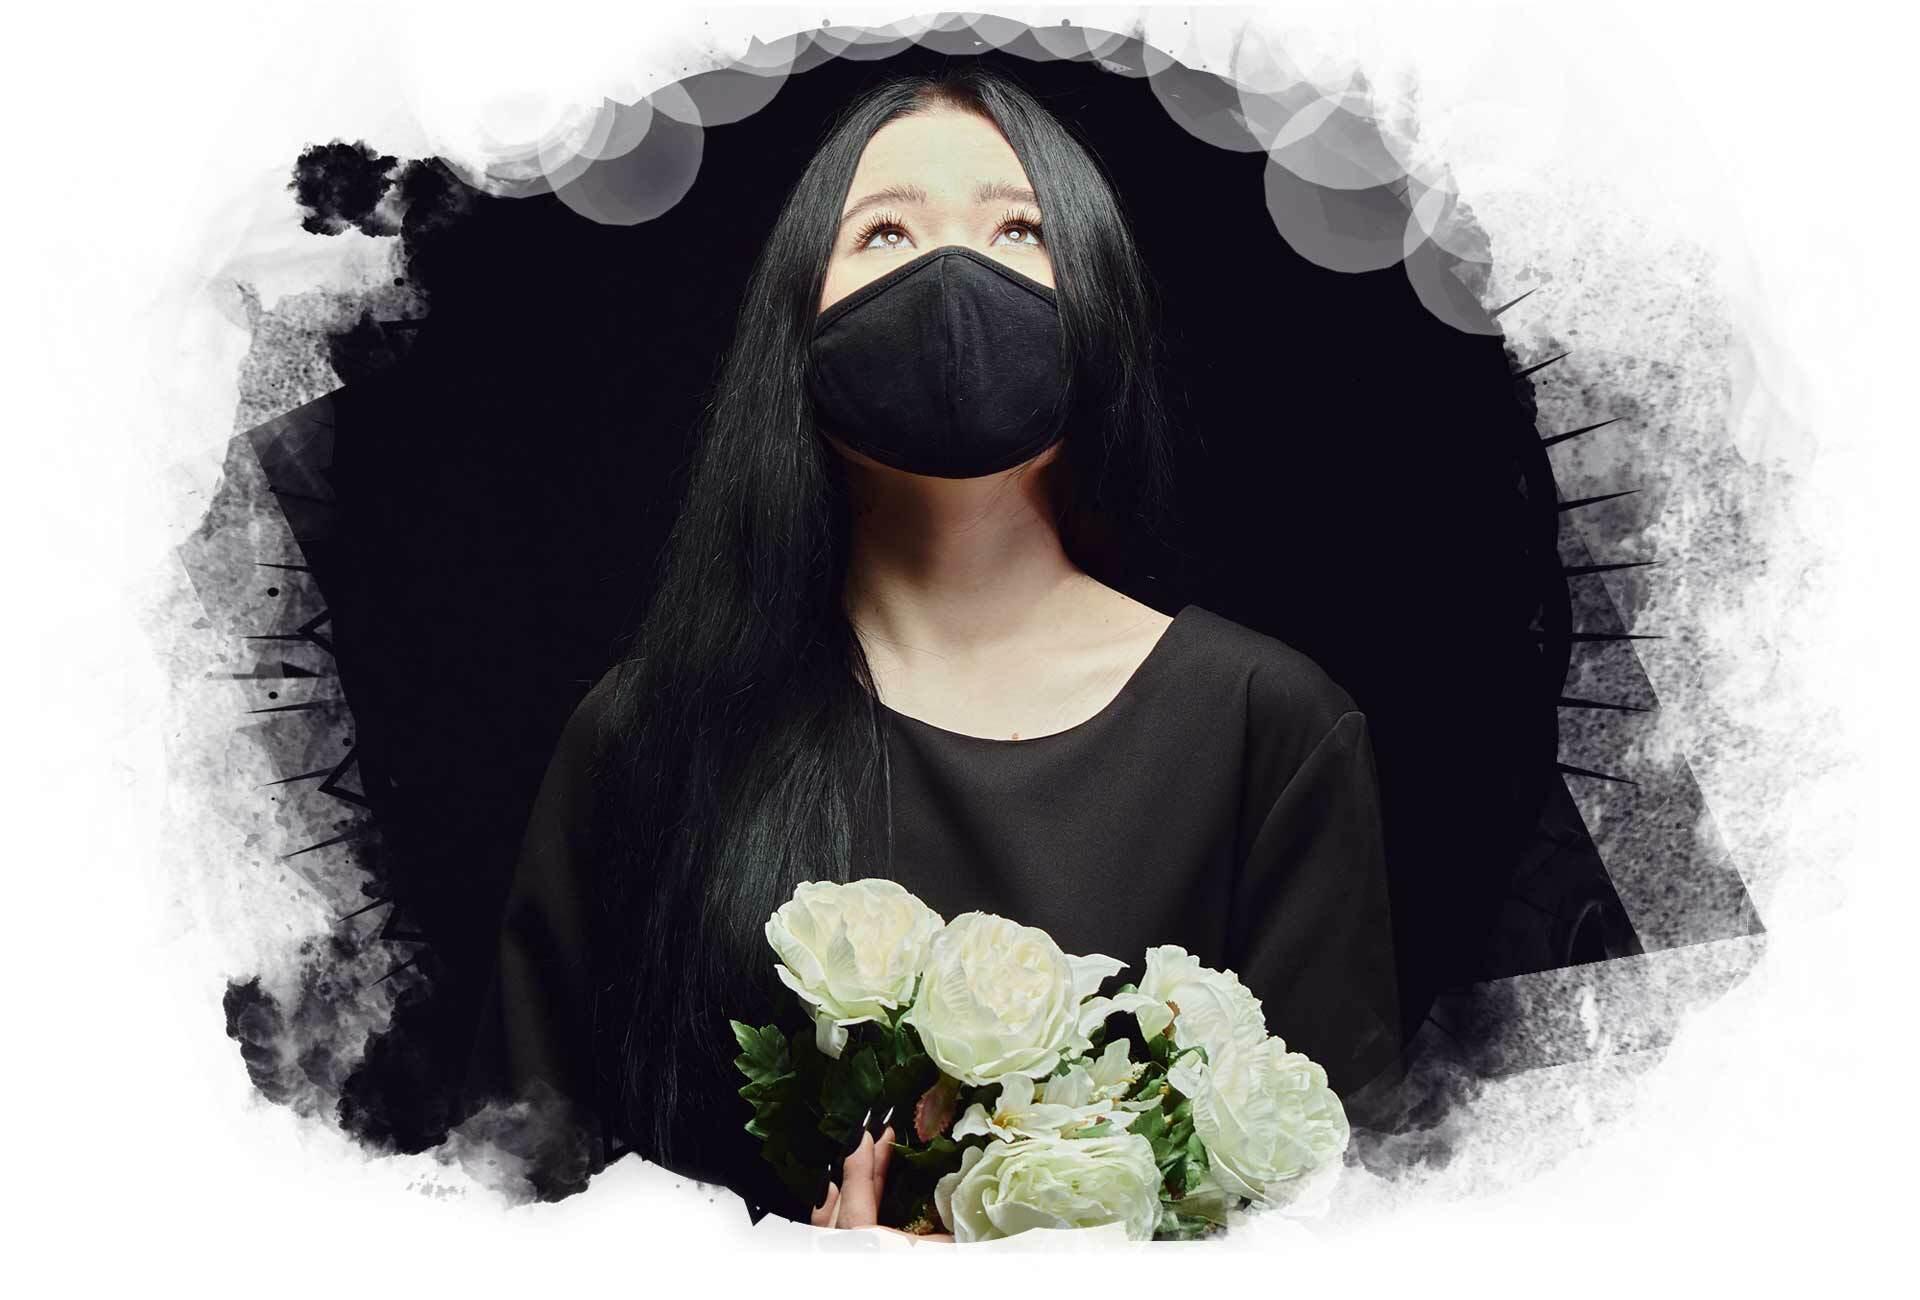 Dunkelheit und Masken